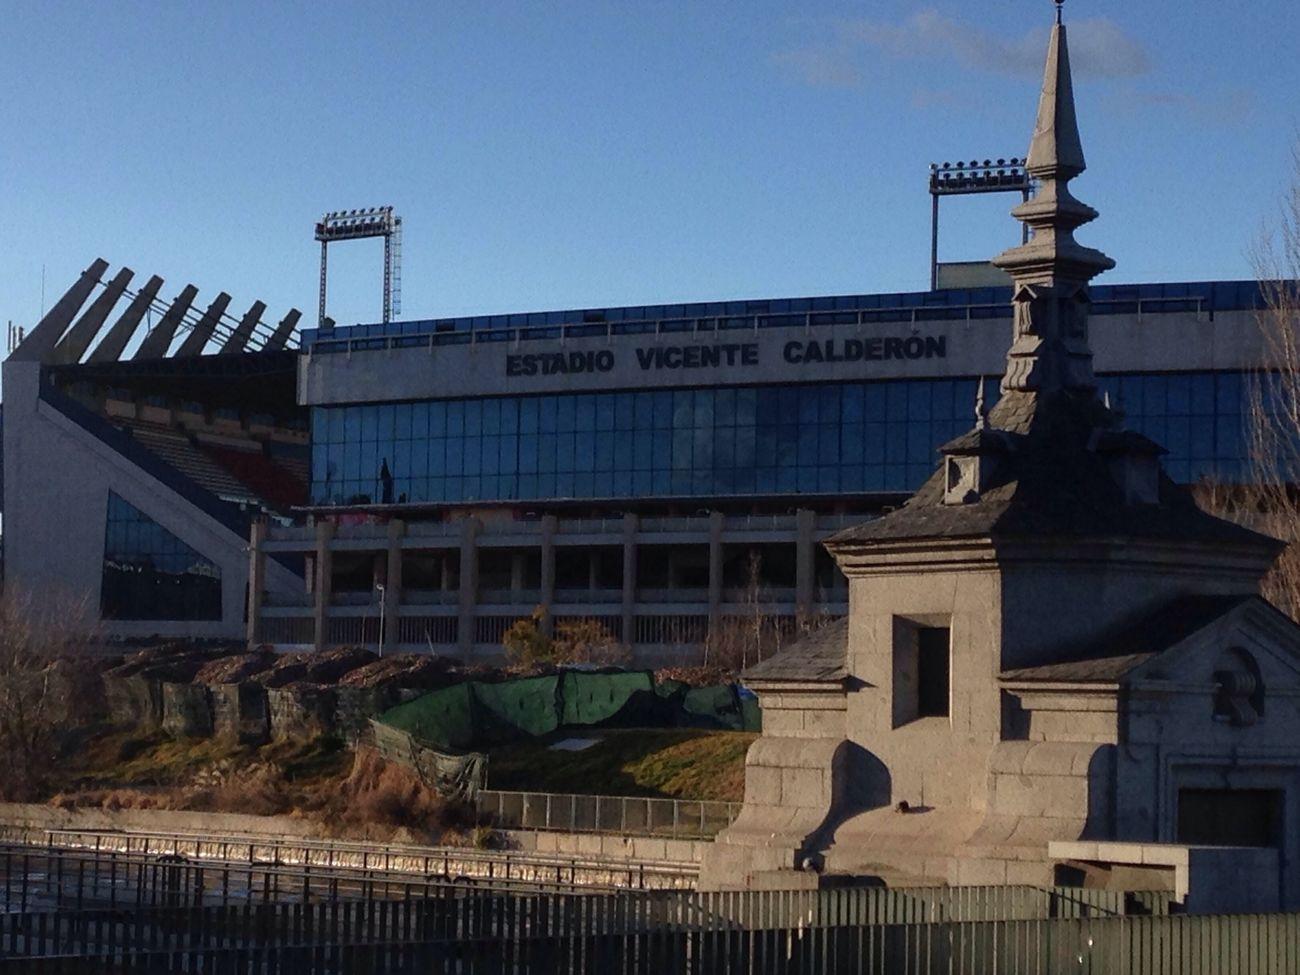 Vicente Calderon Atleticomadrid Stadium in spring sunshine Feb 21, 2015